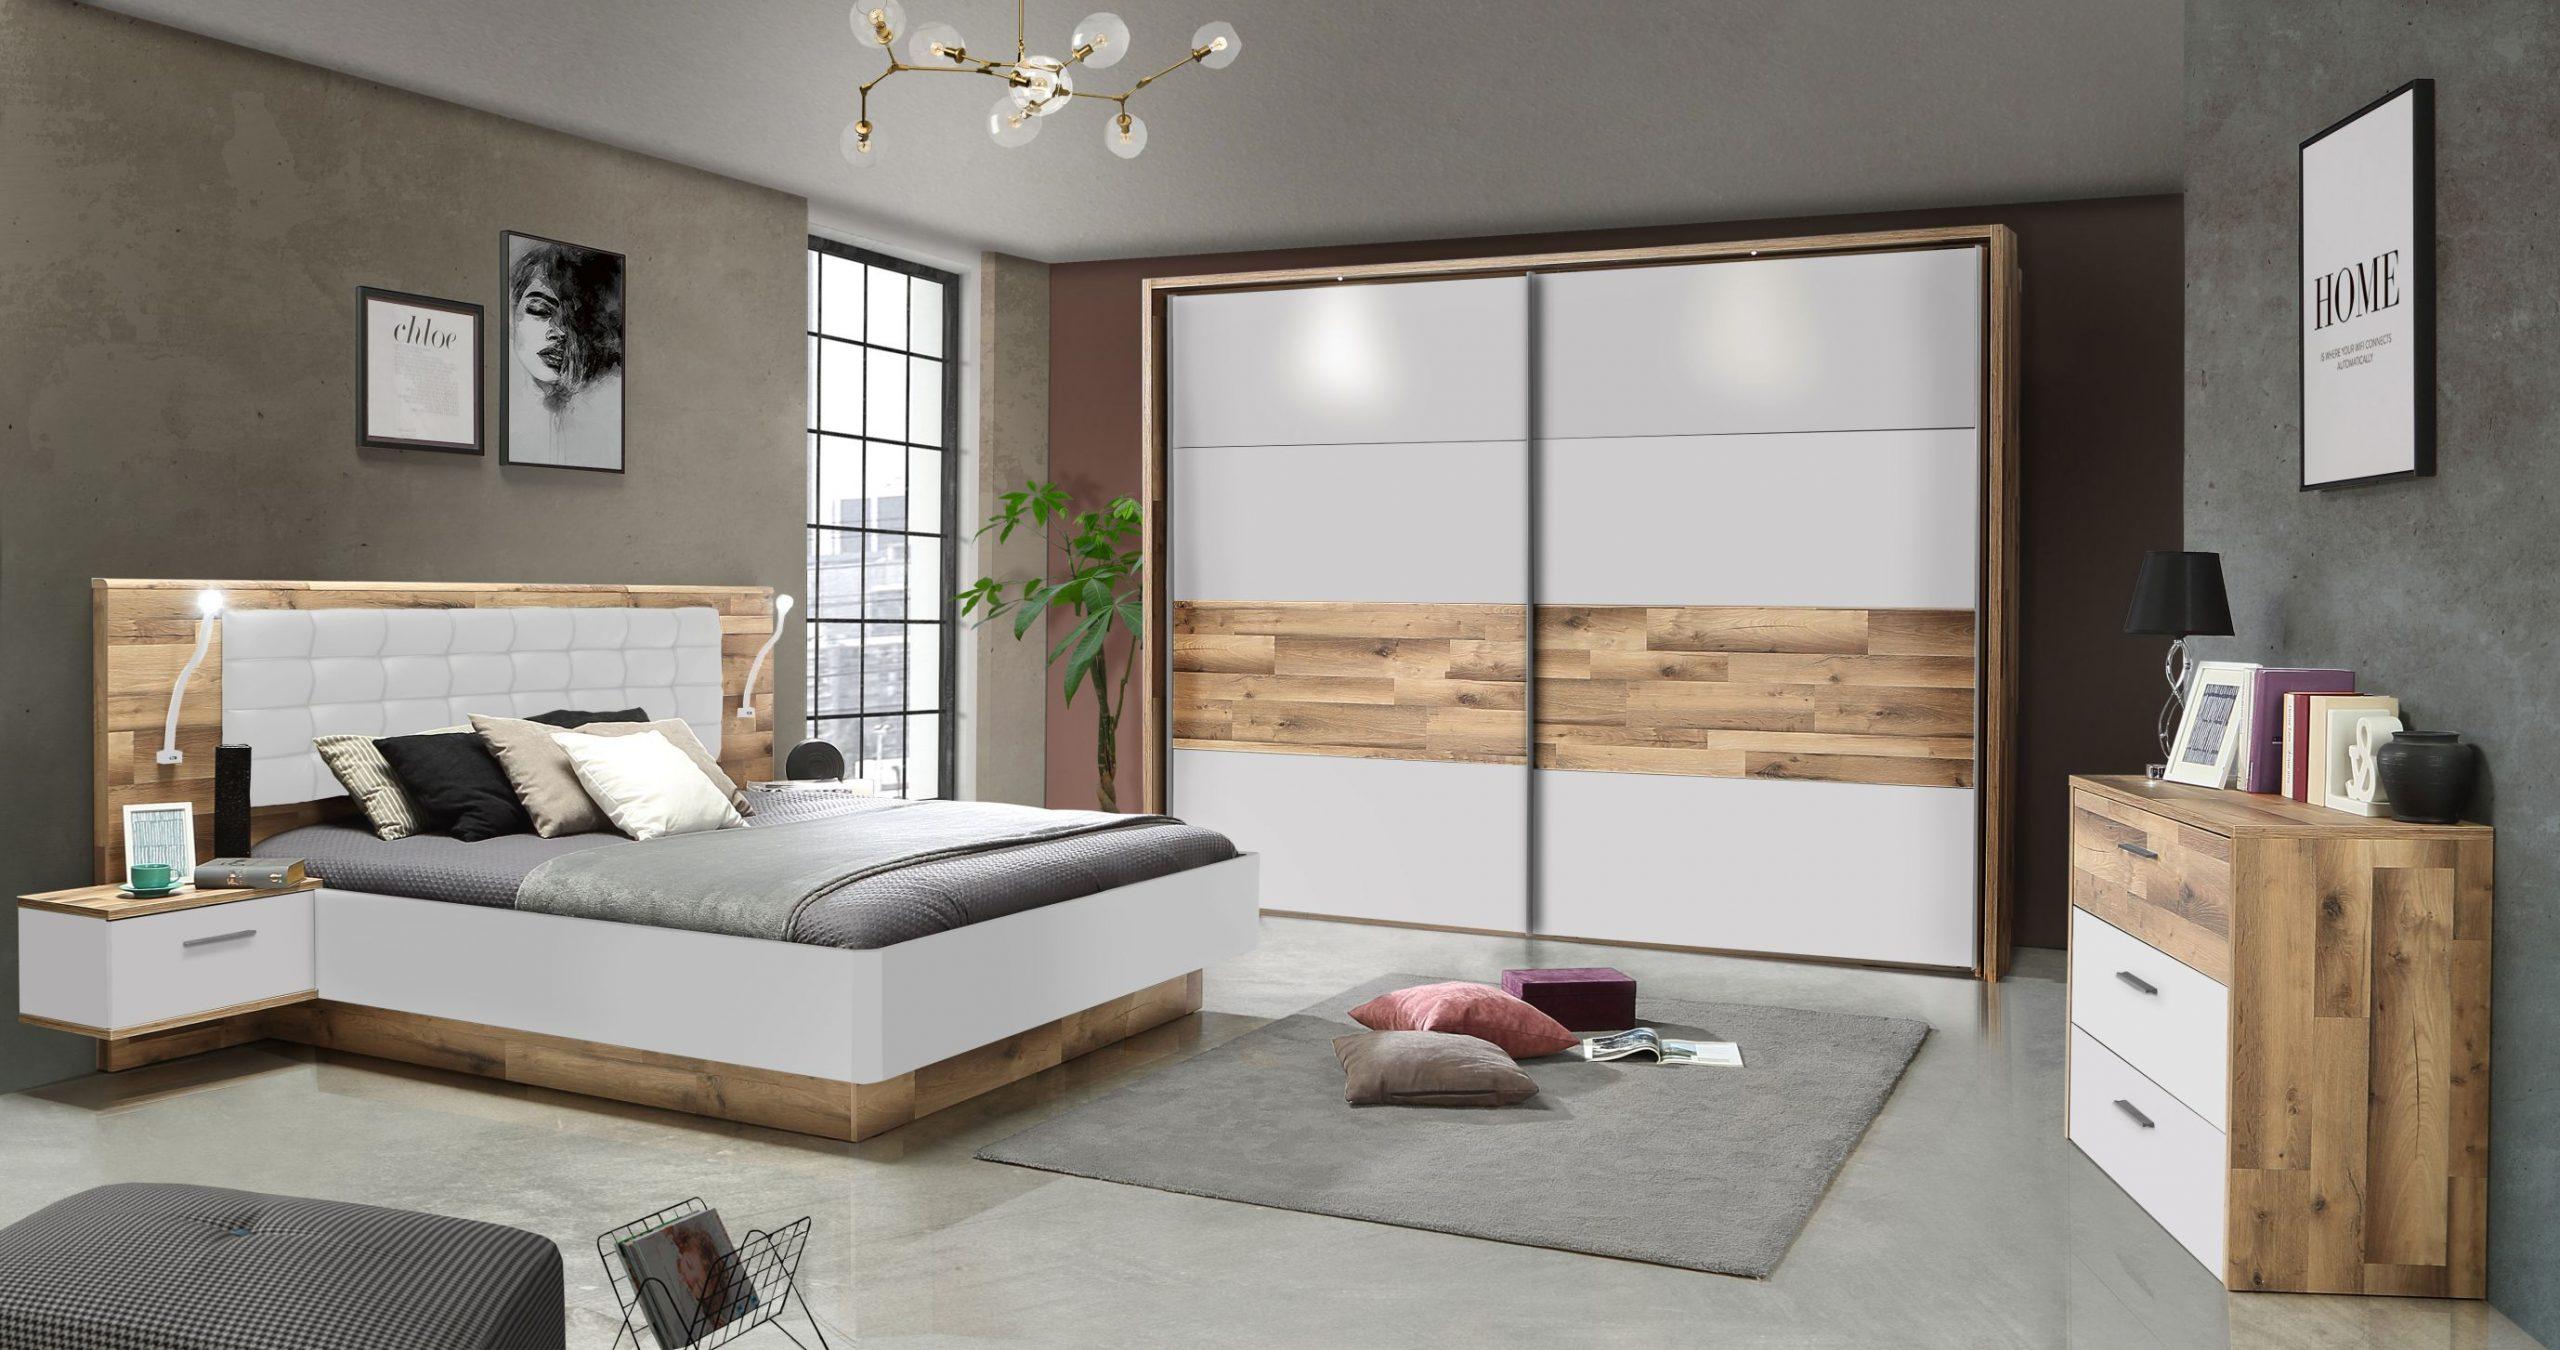 Full Size of Schlafzimmer Set 3 Tlg Modern Way Von Forte Stabeiche Weiss Matt Massivholz Wandleuchte Komplette Kommode Truhe Weiß Esstisch Günstig Deckenlampe Schlafzimmer Schlafzimmer Set